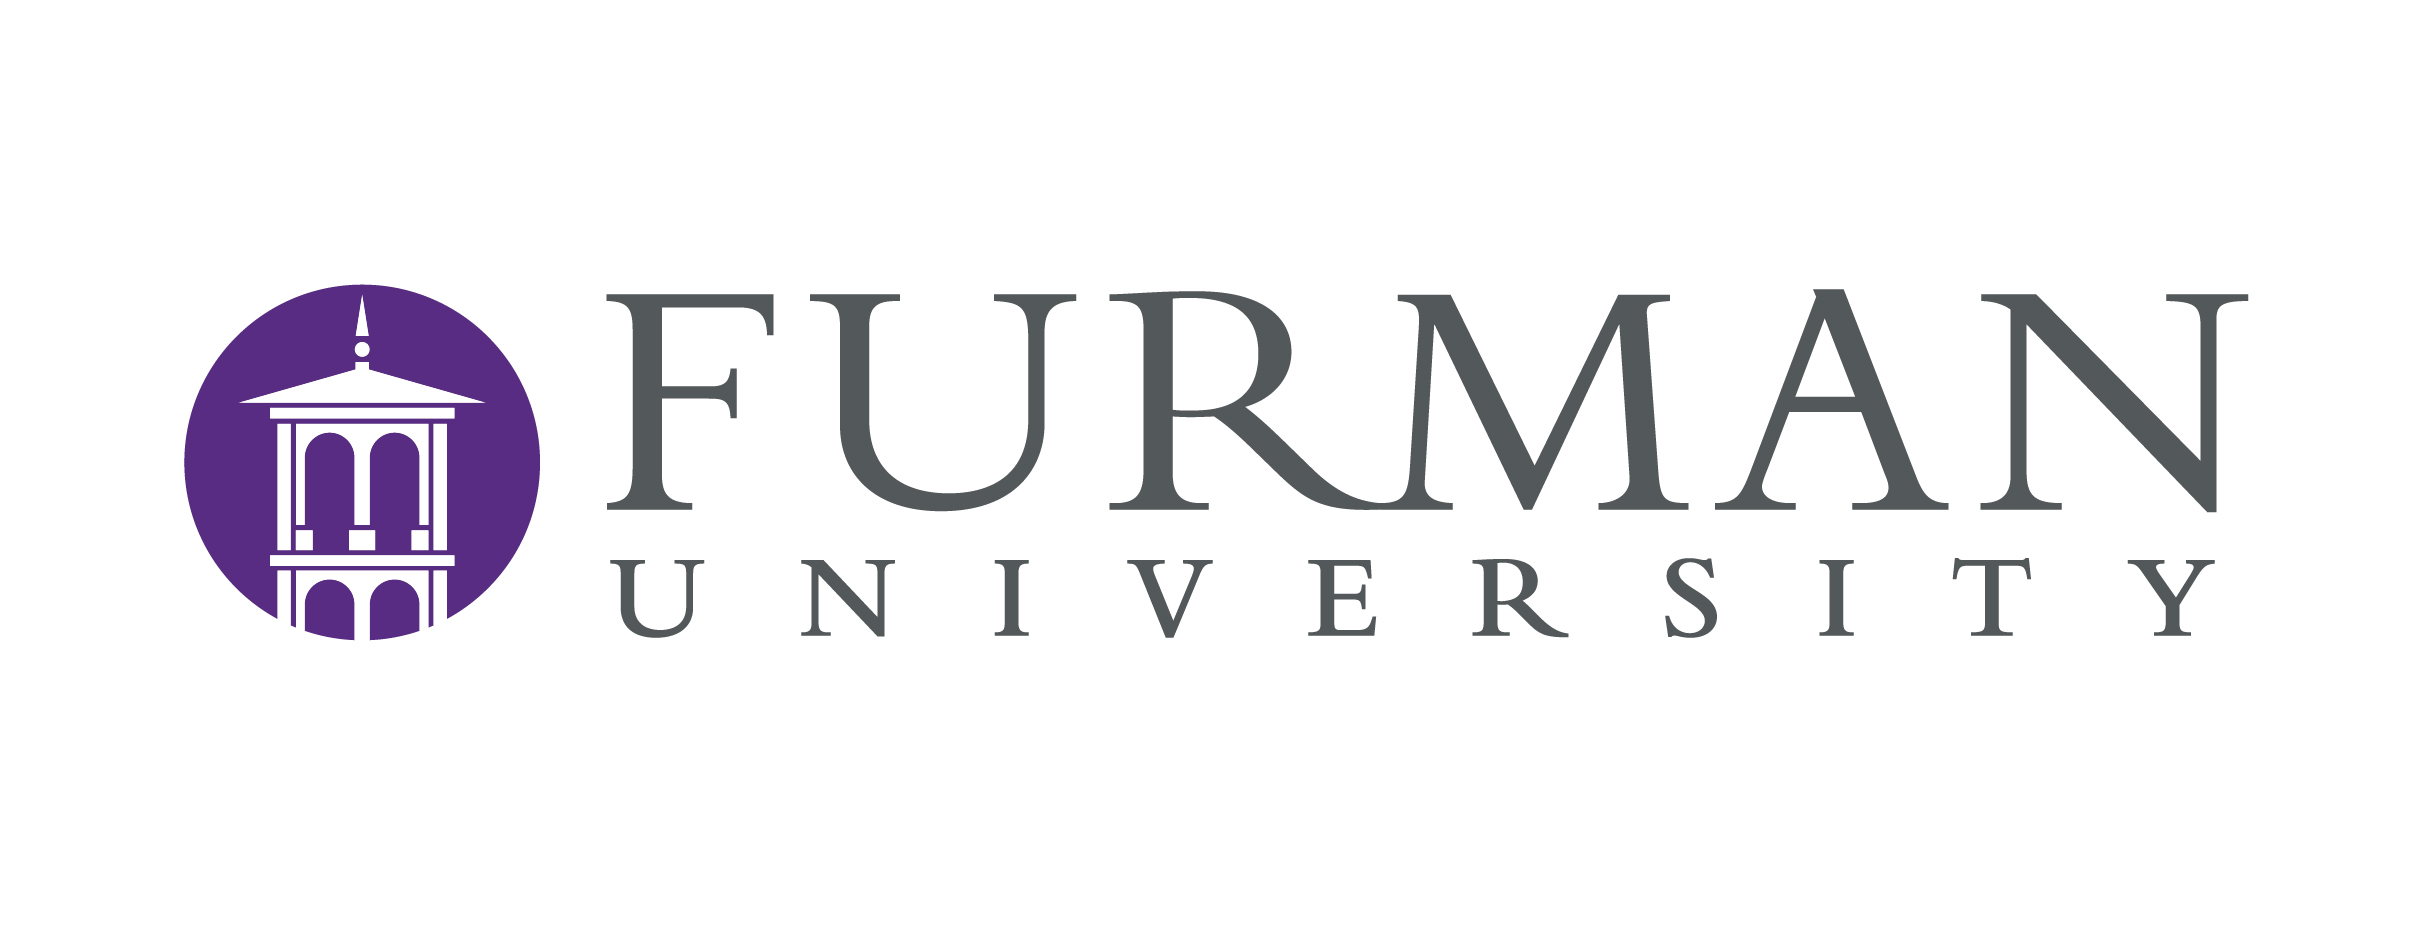 FurmanUniversity.jpg